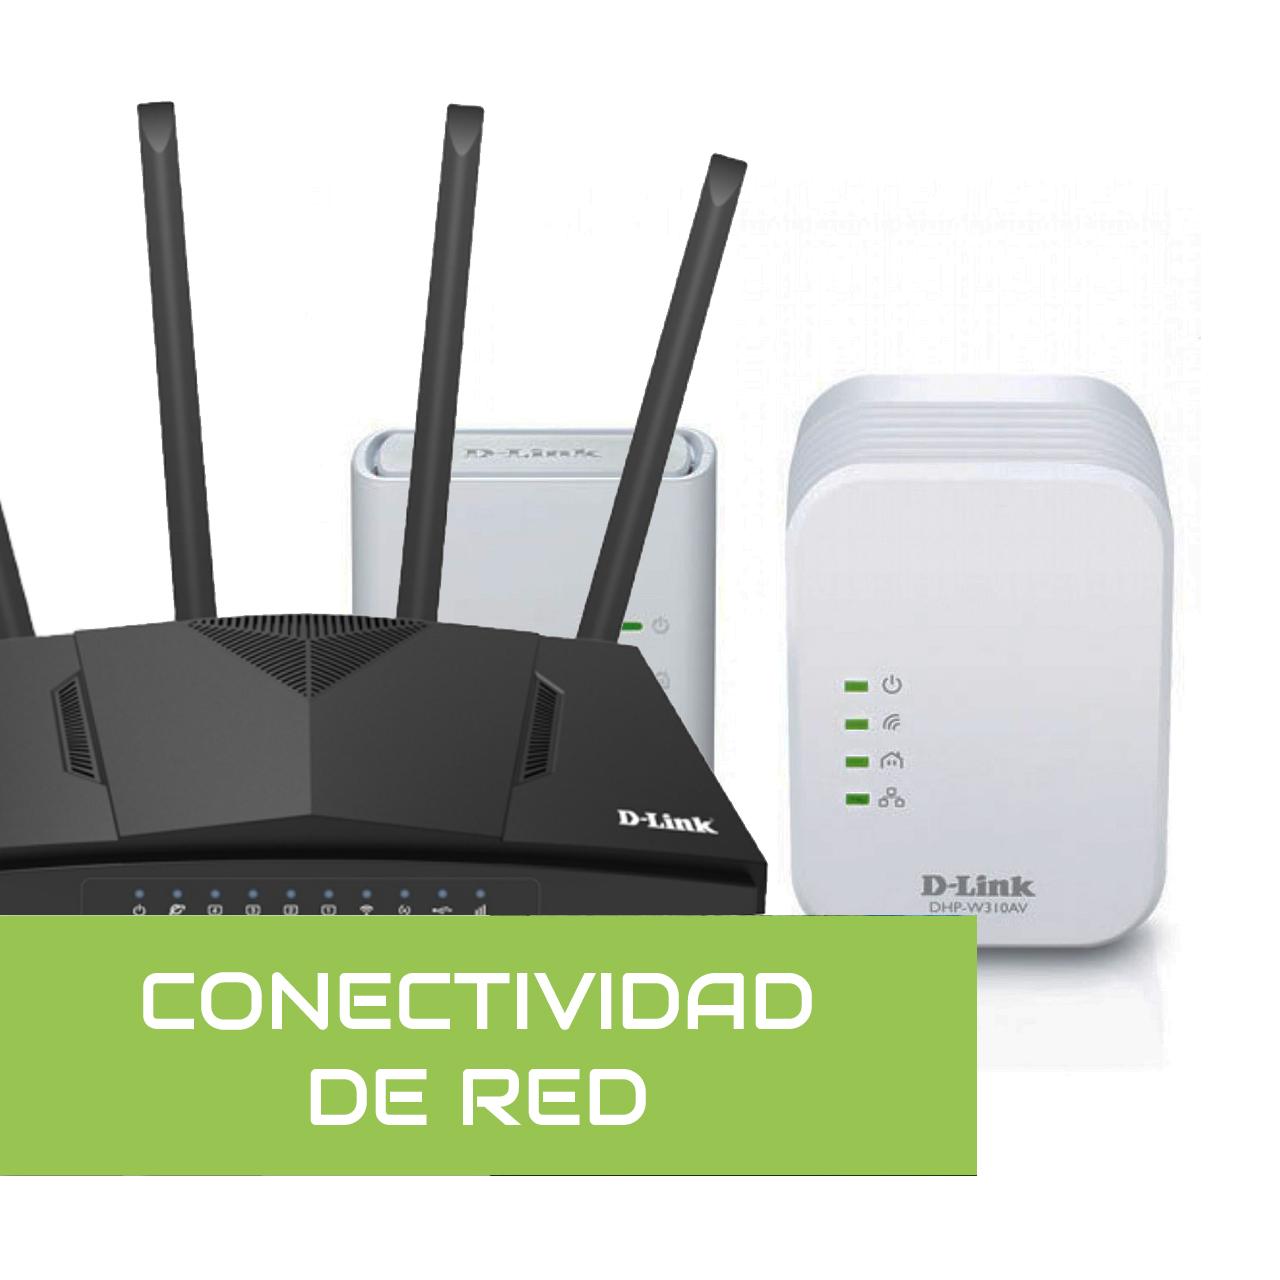 Conectividad de Red